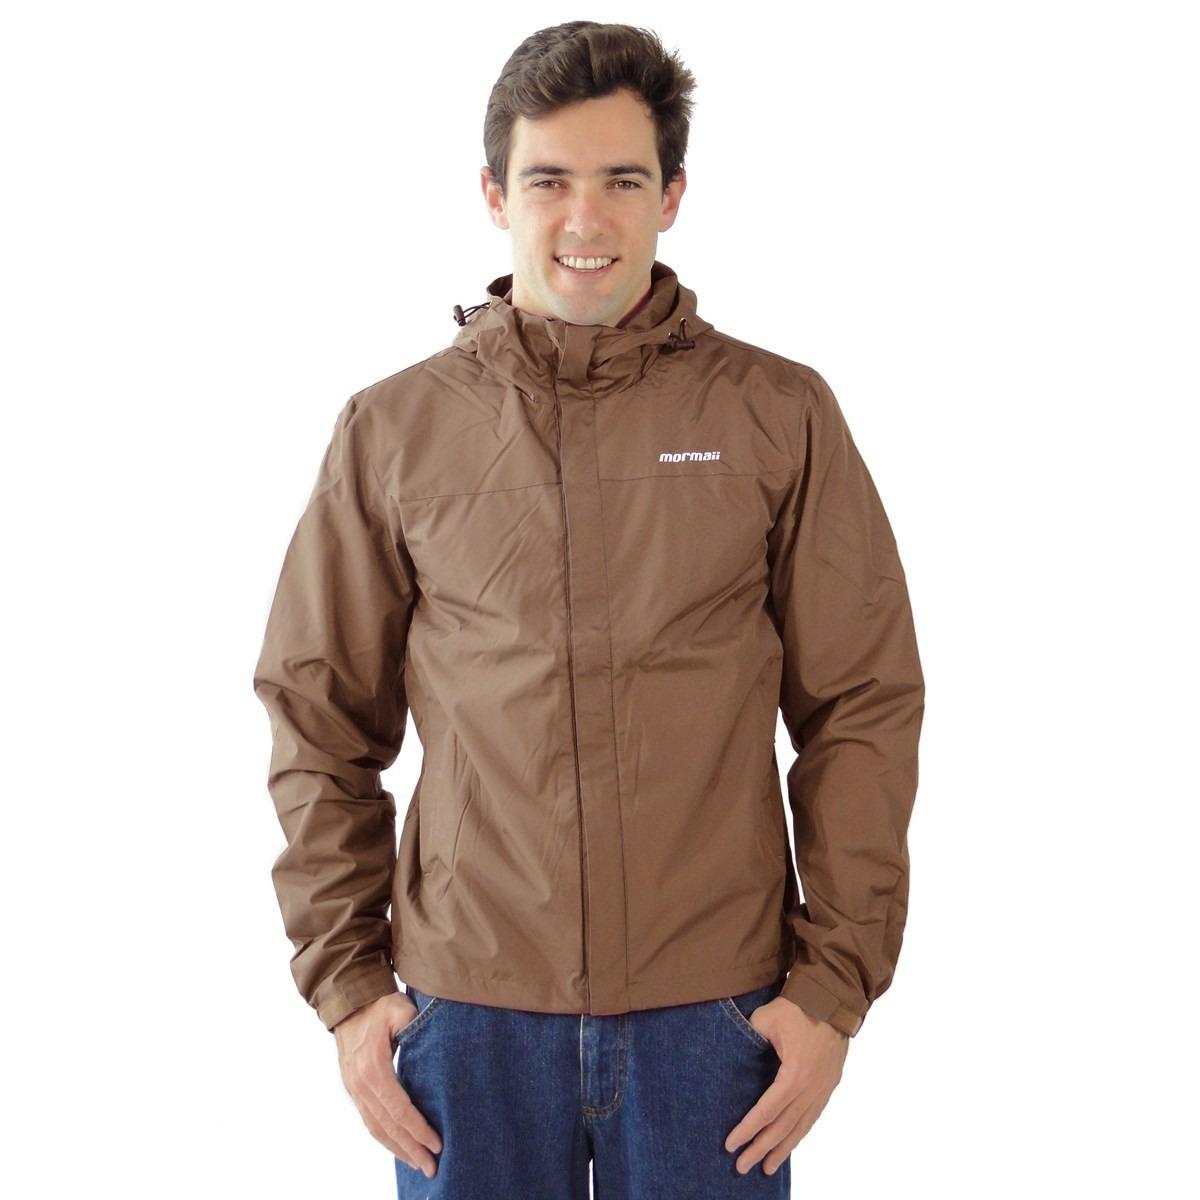 66f271853bfa0 jaqueta corta vento impermeável capa chuva mormaii amazônia. Carregando  zoom.